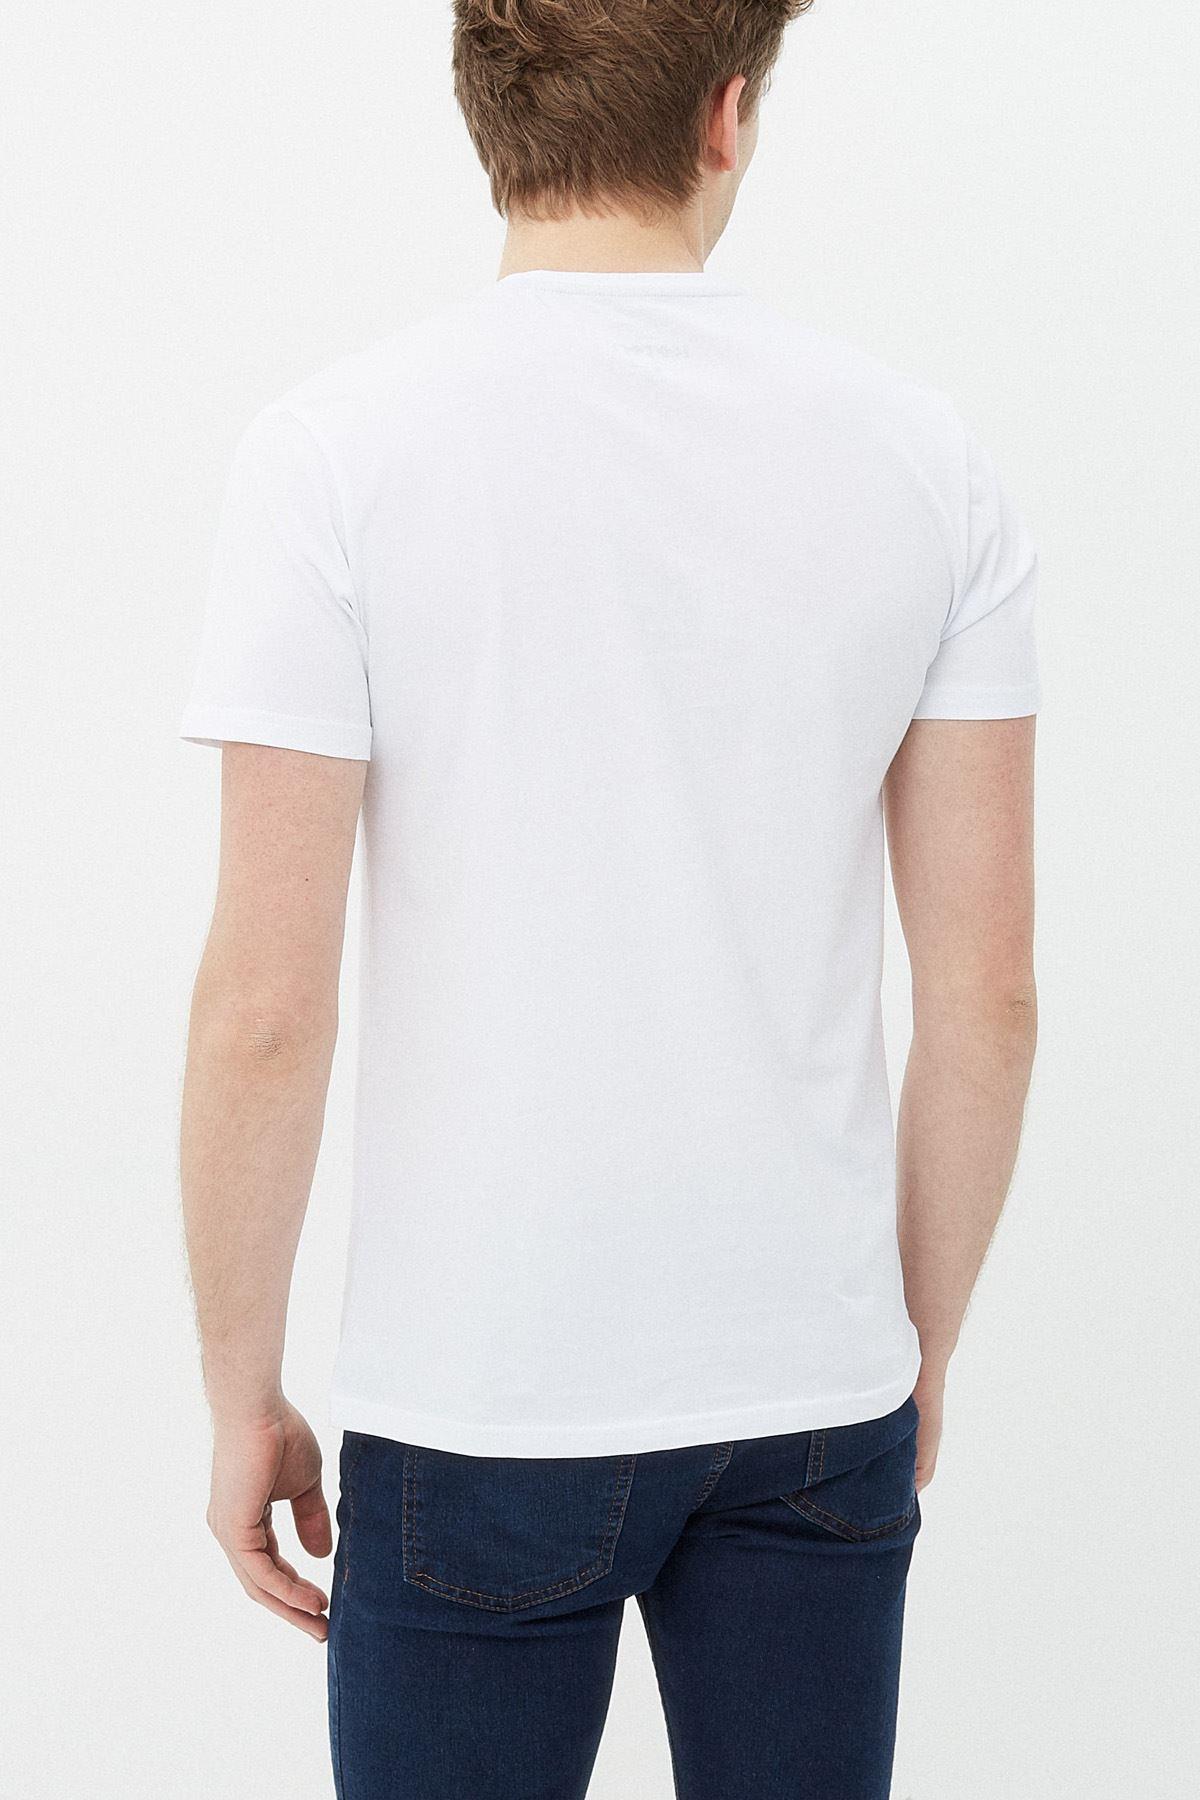 Anime Bebop 04 Beyaz Erkek Tshirt - Tişört